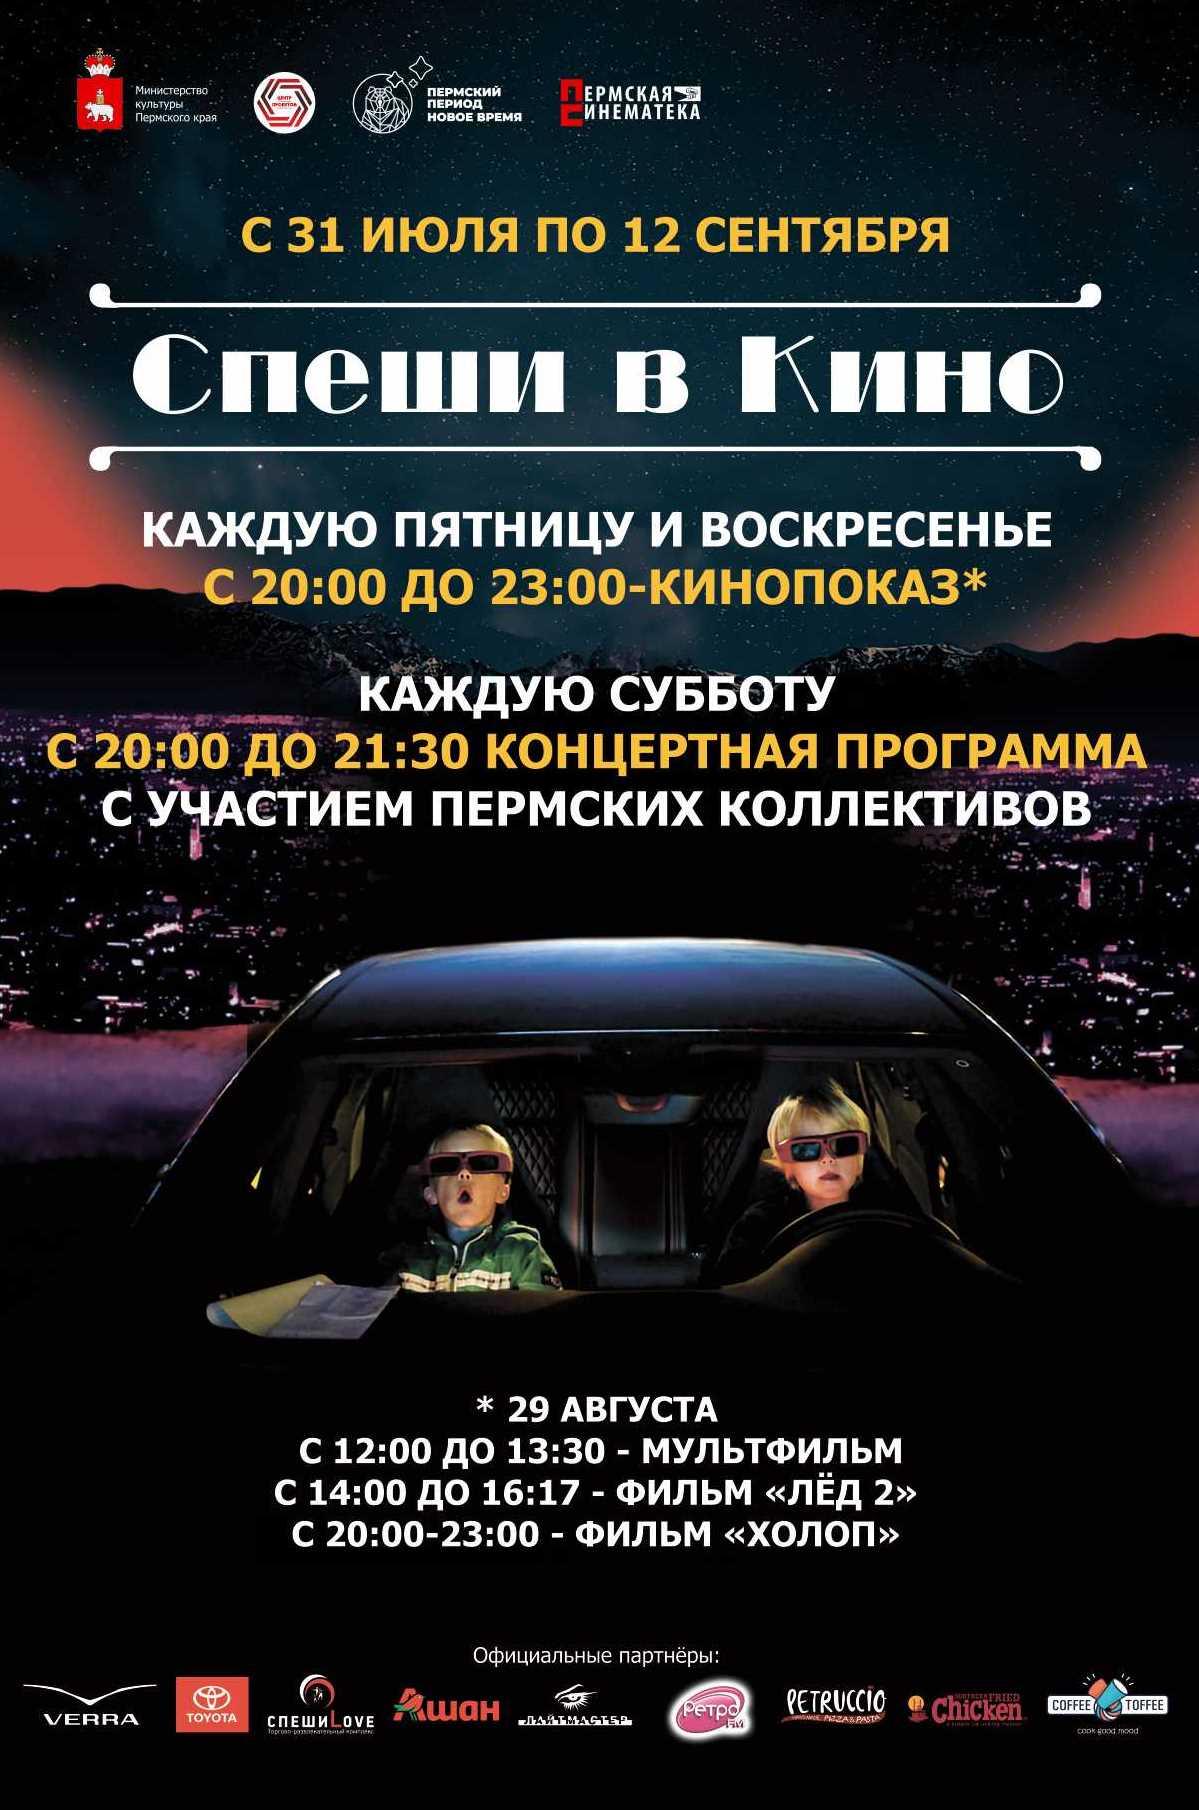 Спеши в кино в Перми